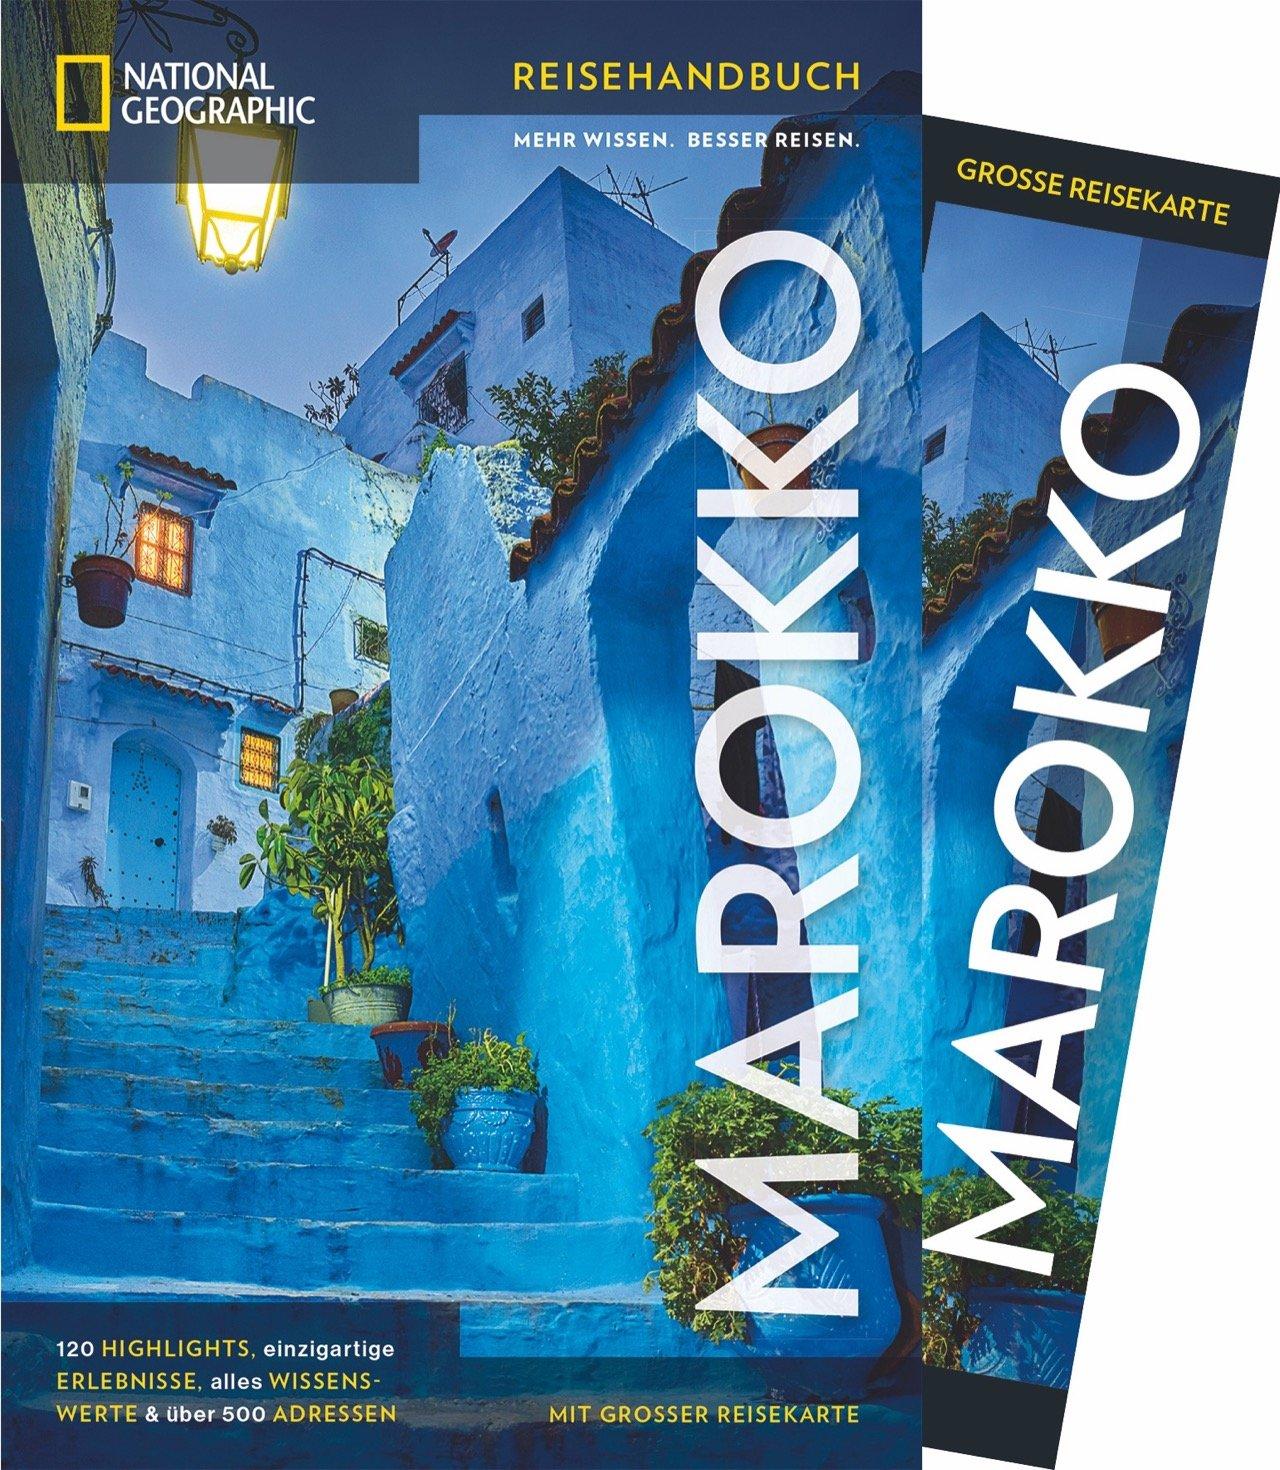 national-geographic-reisehandbuch-marokko-der-ultimative-reisefhrer-mit-ber-500-adressen-und-praktischer-faltkarte-zum-herausnehmen-fr-alle-traveler-neu-2018